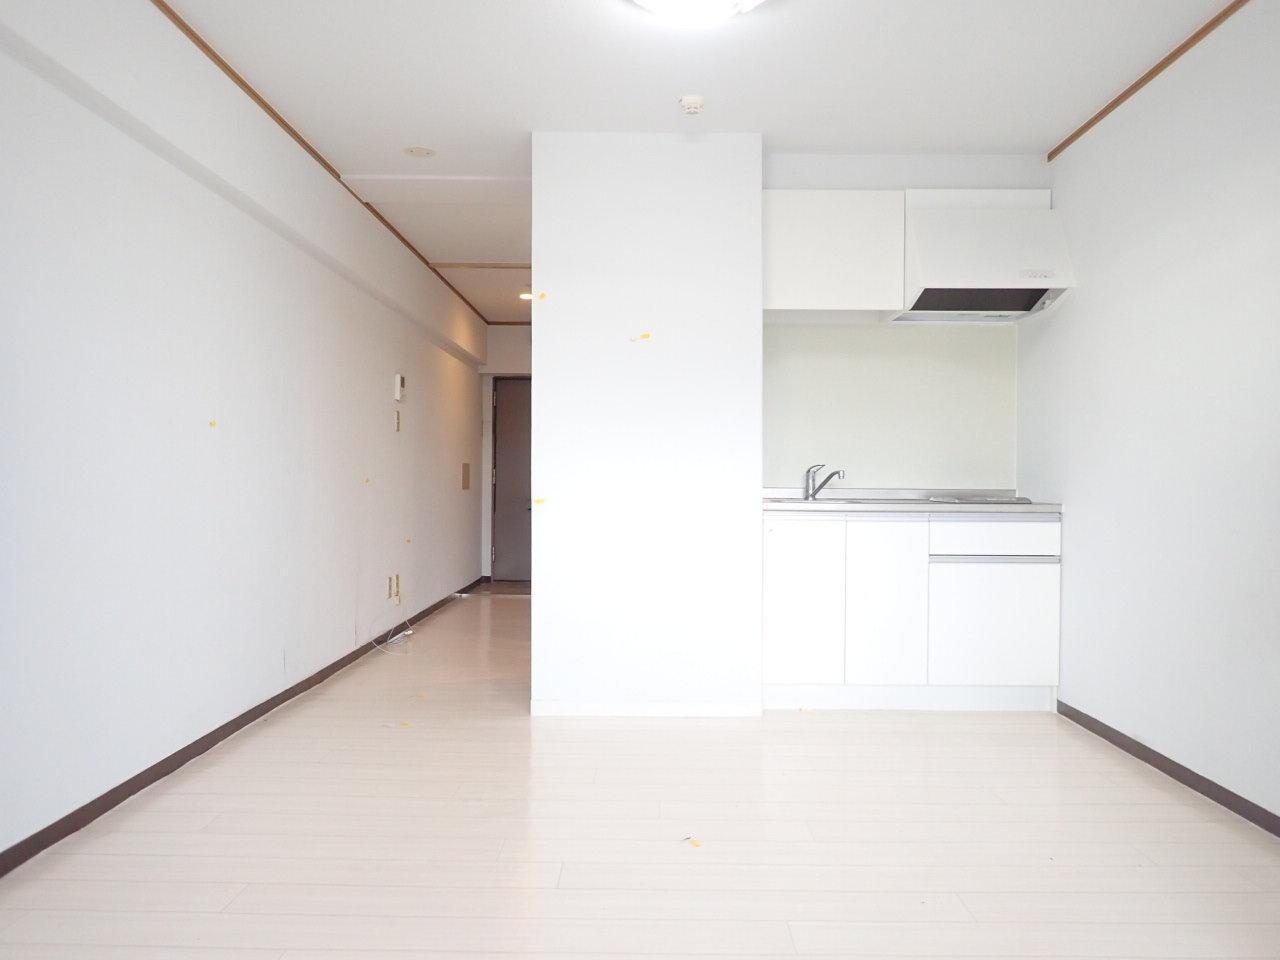 こちらも洋室11畳の広めのワンルーム。白を基調とした部屋なので、すっきりとして気持ちの良い印象です。